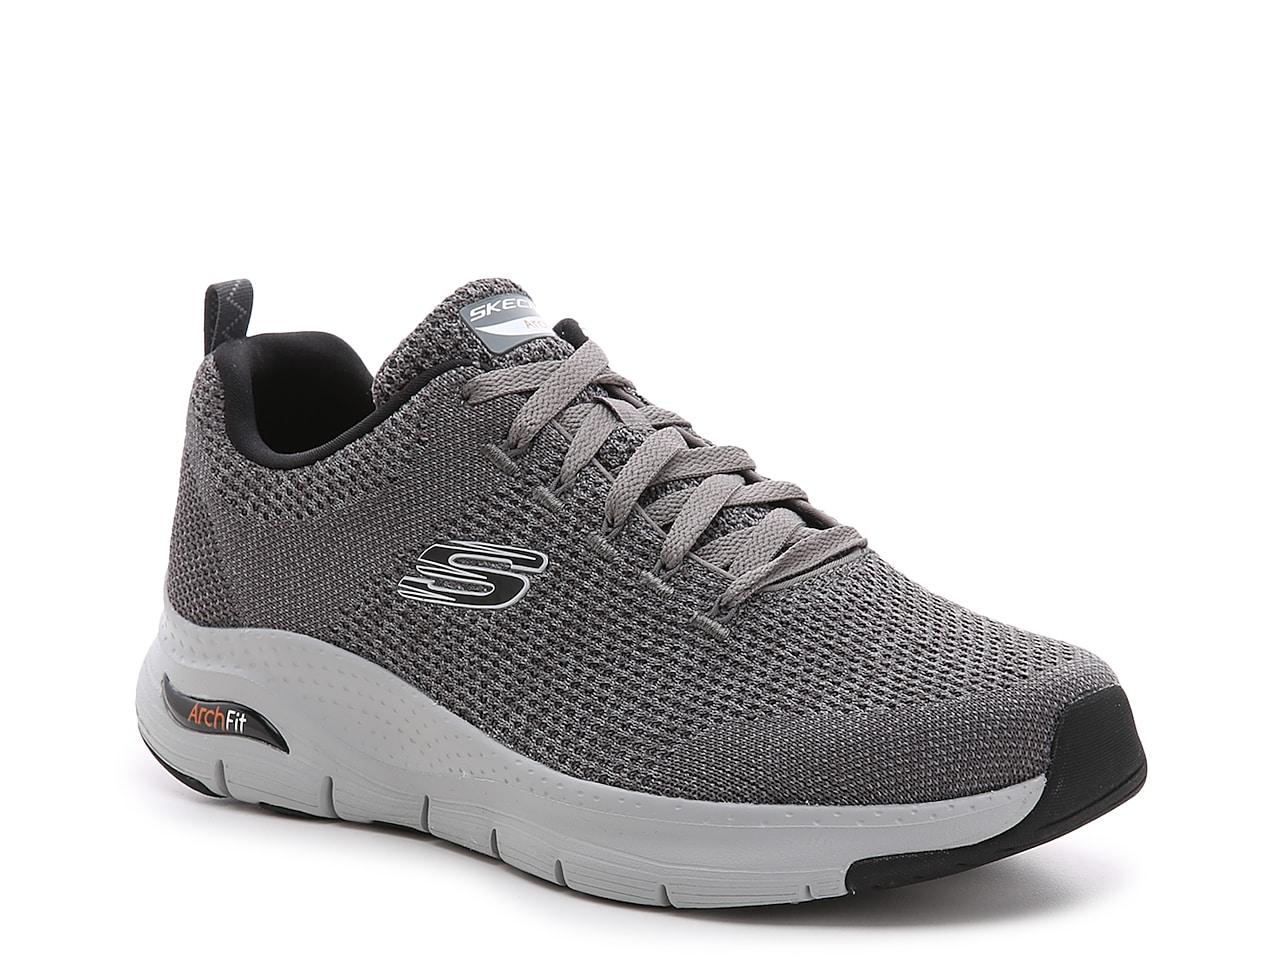 Skechers Arch Fit Sneaker - Men's